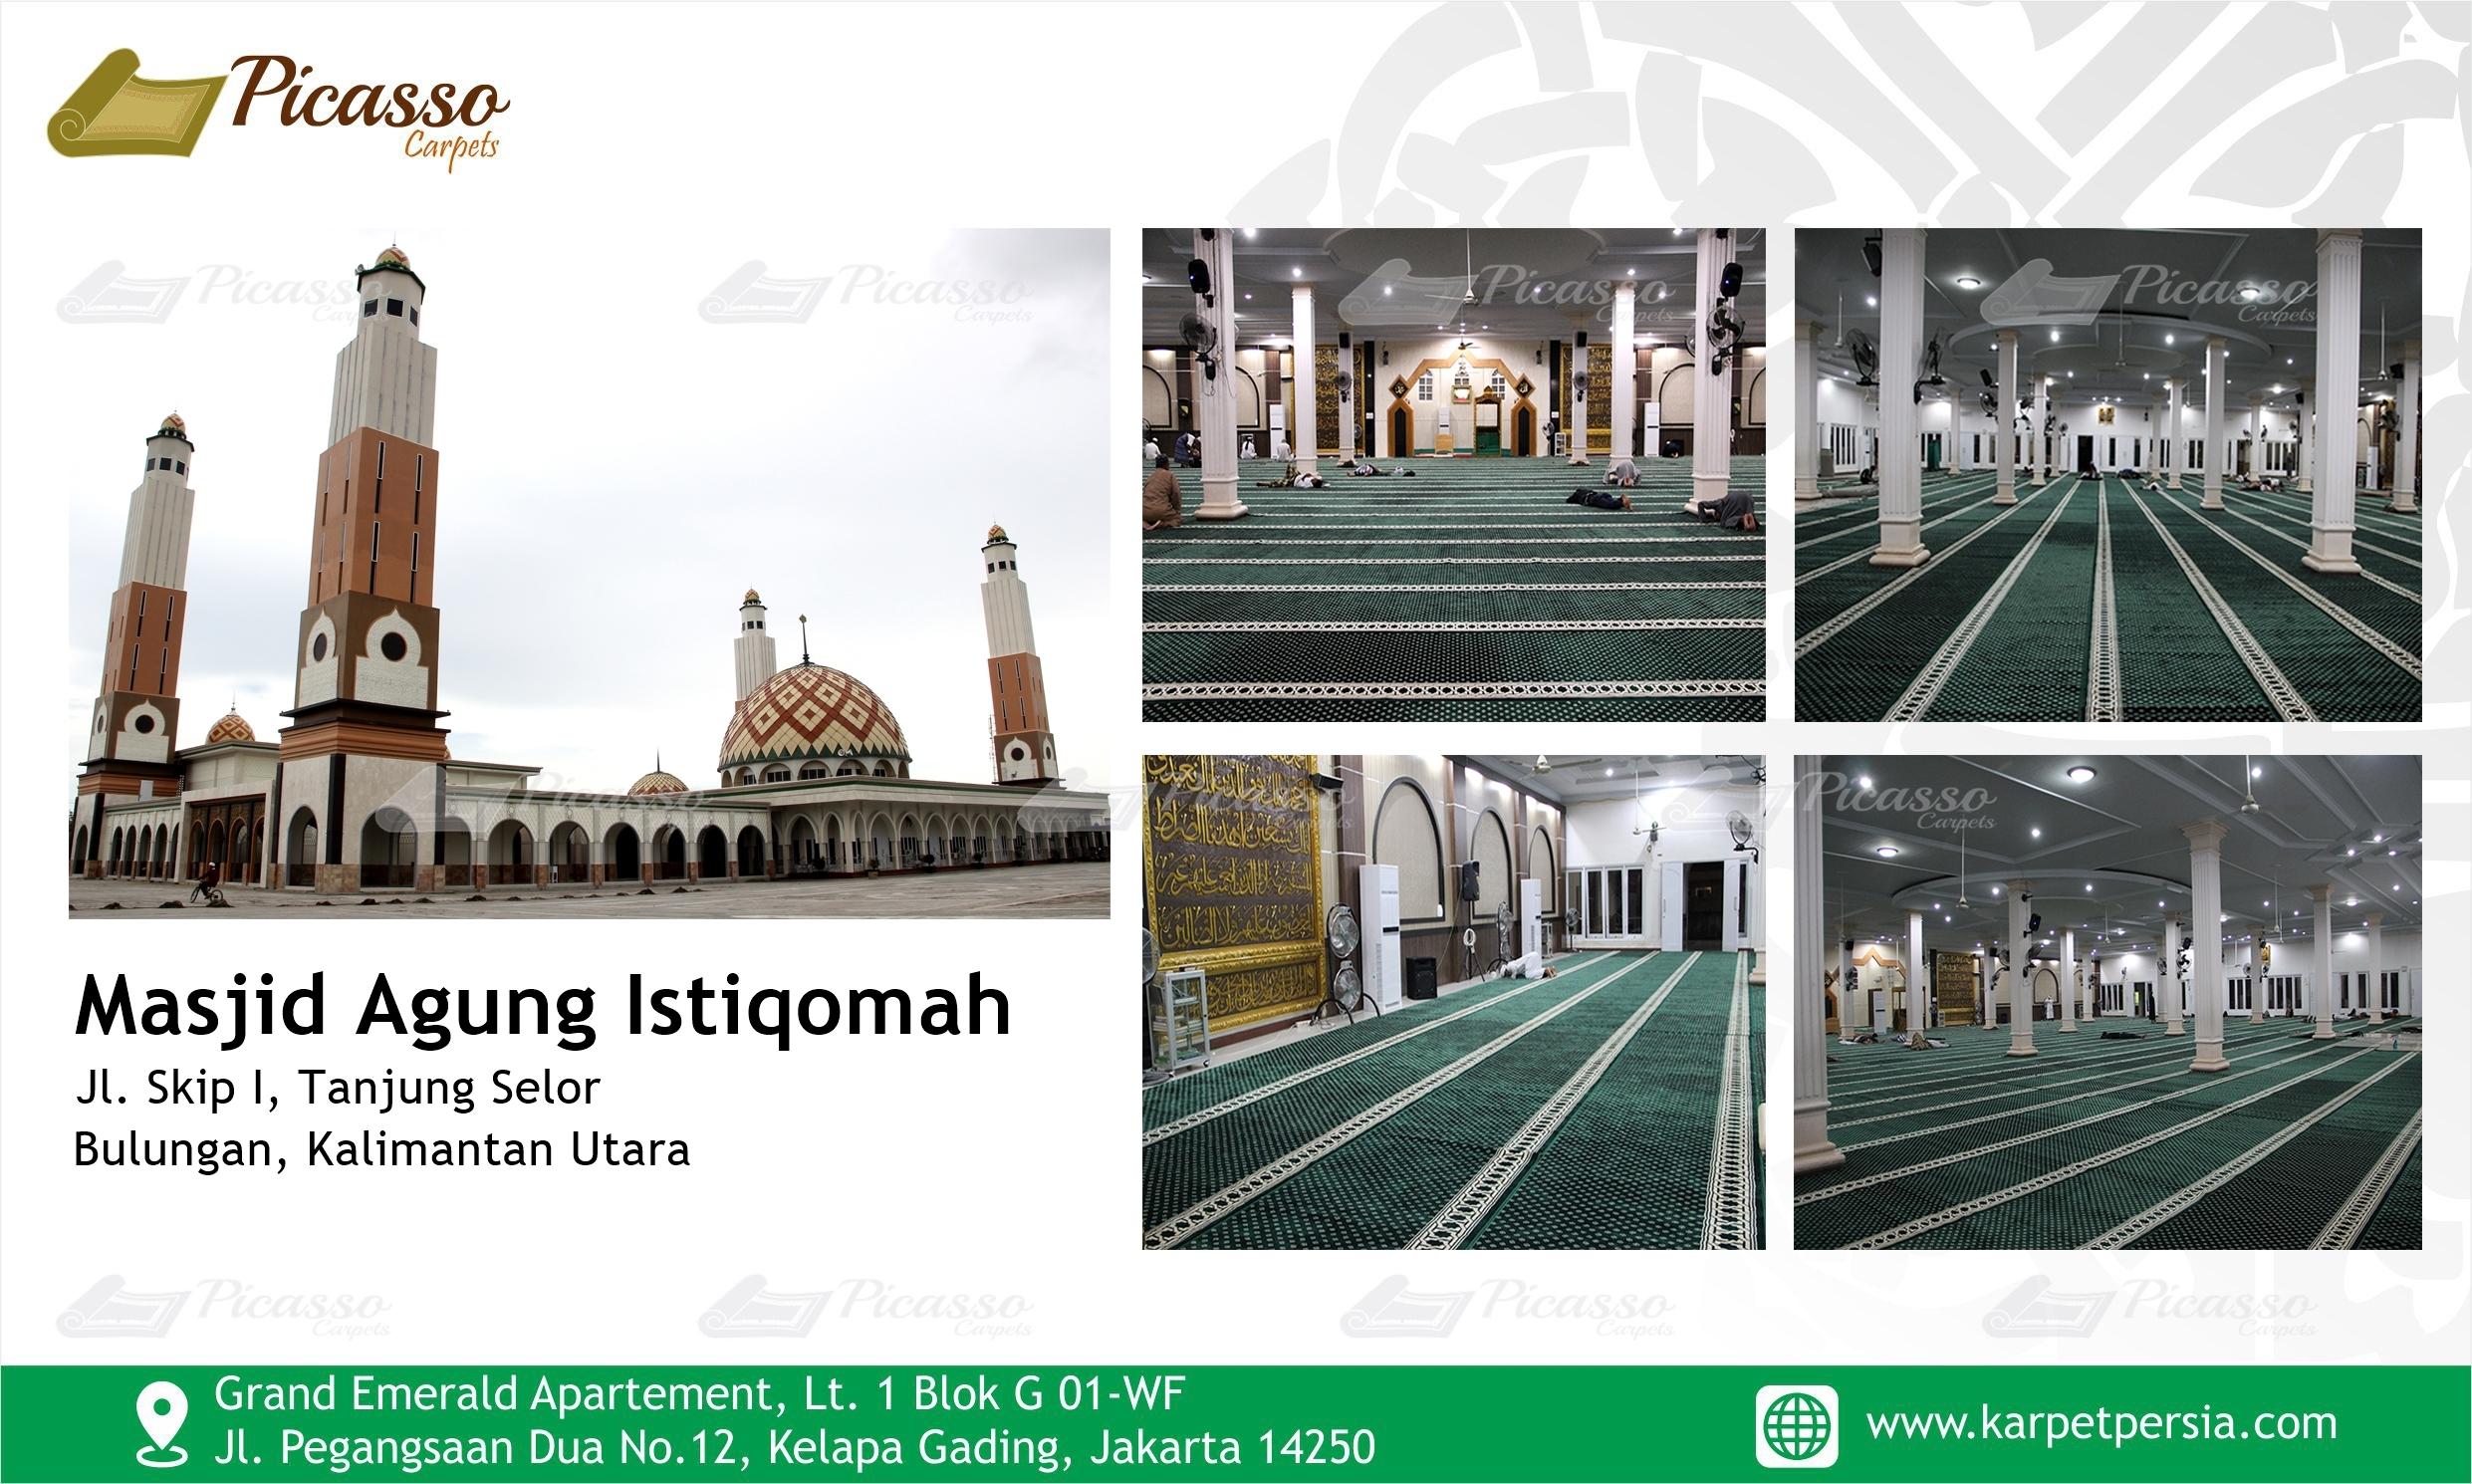 Masjid Agung Istiqomah Tanjung Selor, Bulungan, Kalimantan Utara